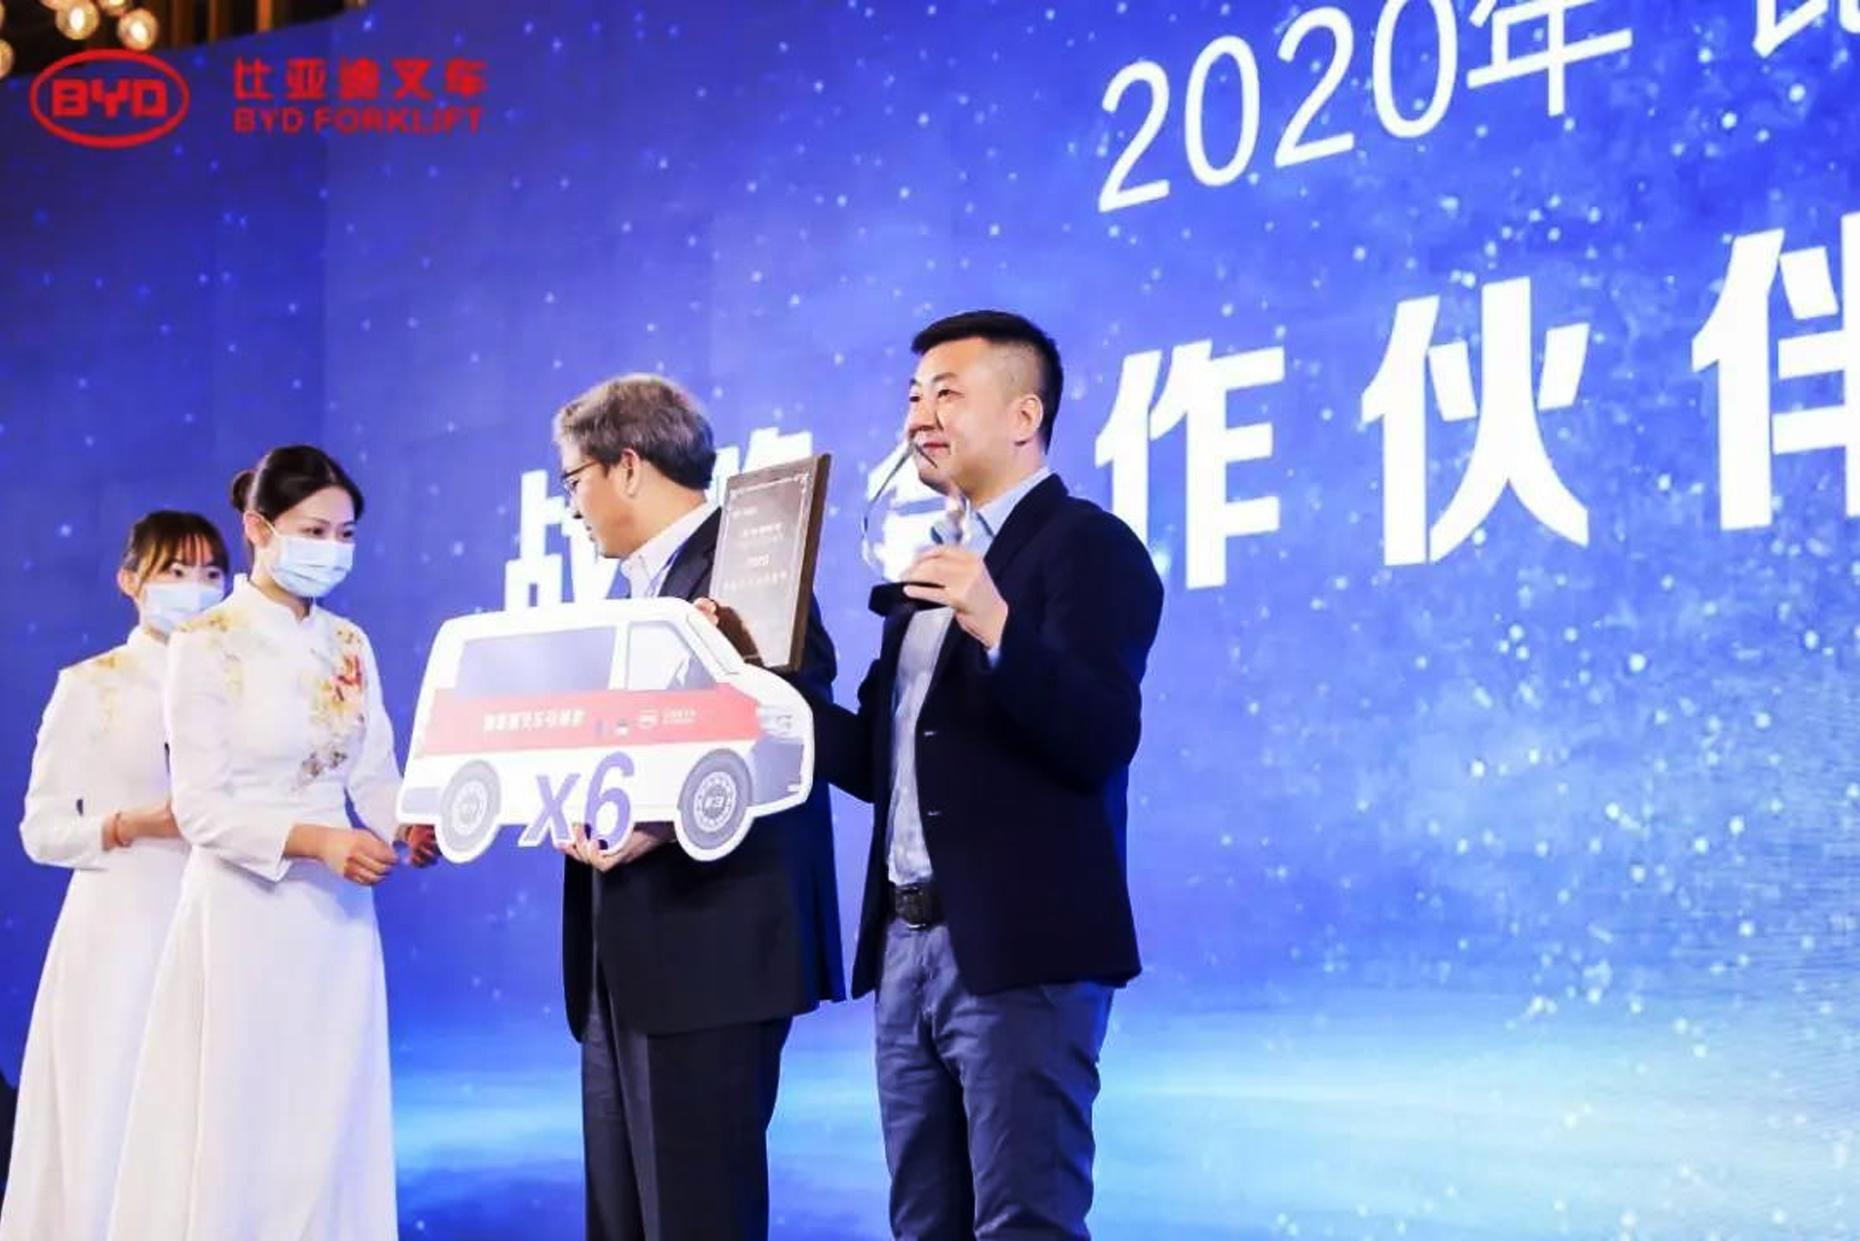 2020比亚迪叉车经销商大会颁奖环节